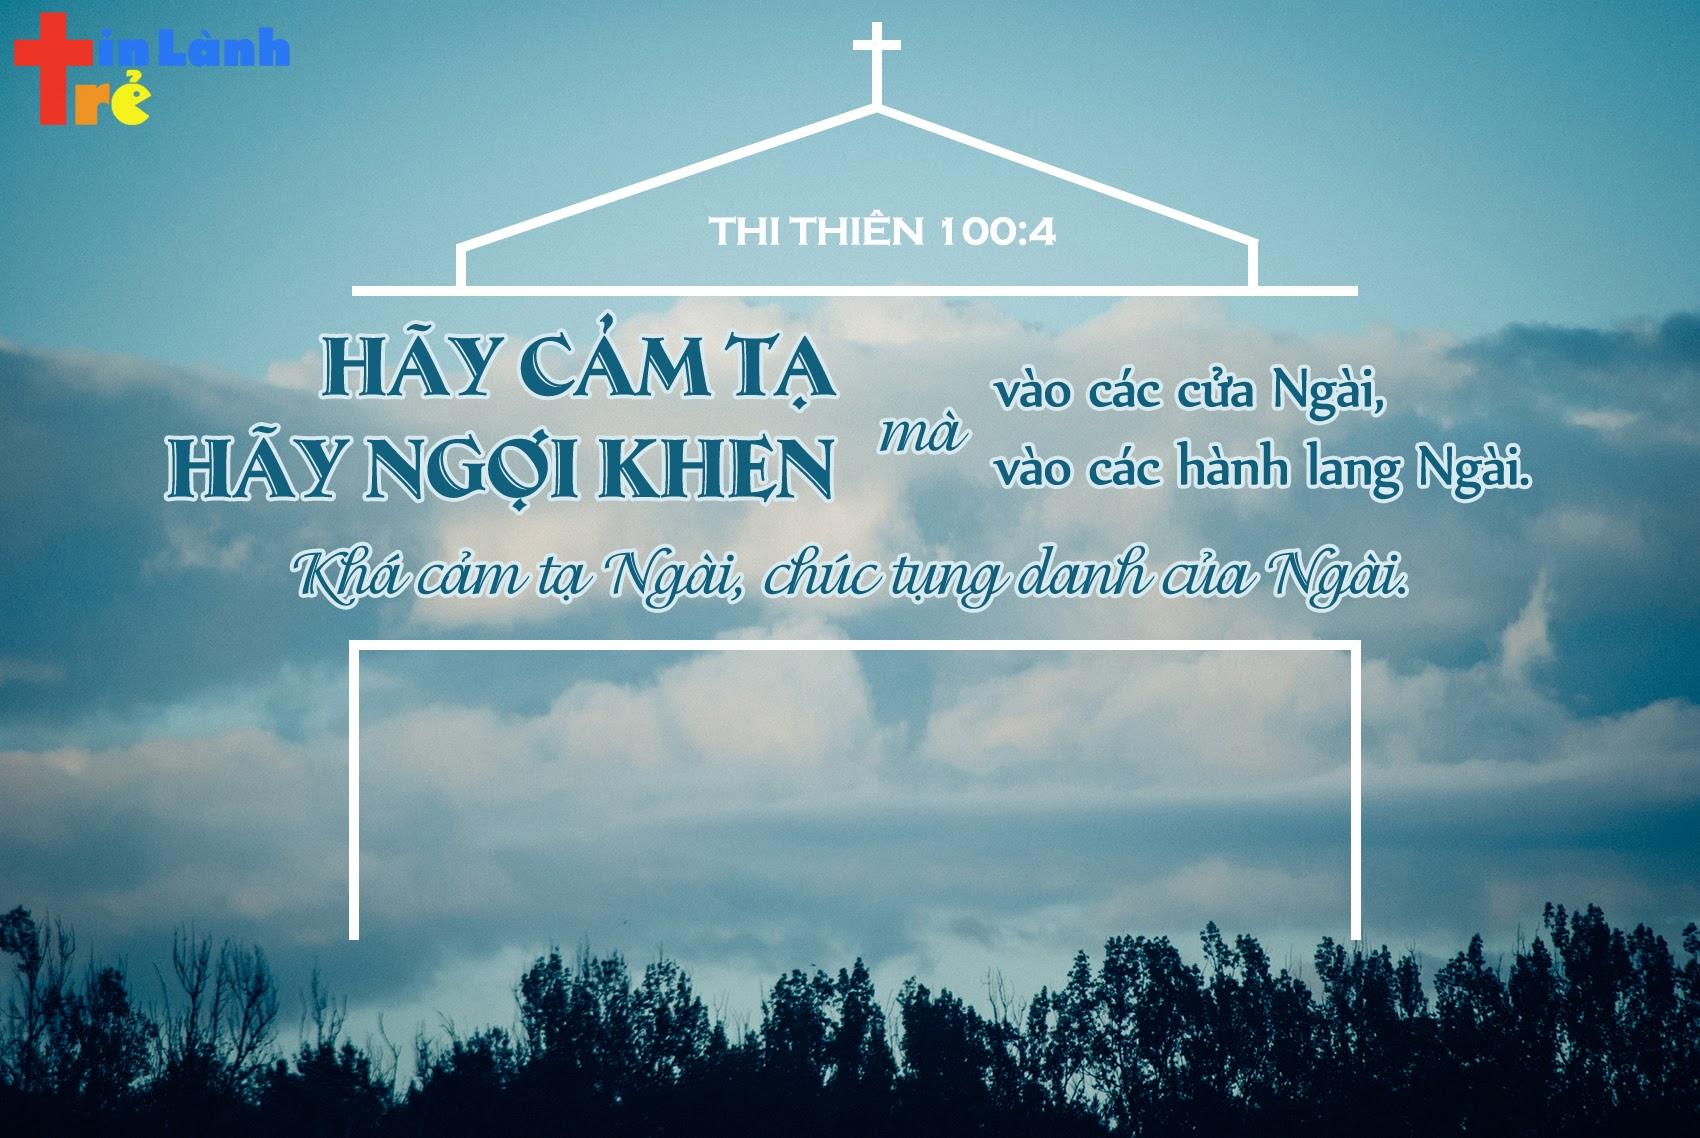 """""""Hãy cảm tạ mà vào các cửa Ngài, Hãy ngợi khen mà vào hành lang Ngài. Khá cảm tạ Ngài, chúc tụng danh của Ngài"""" - Thi thiên 100:4"""